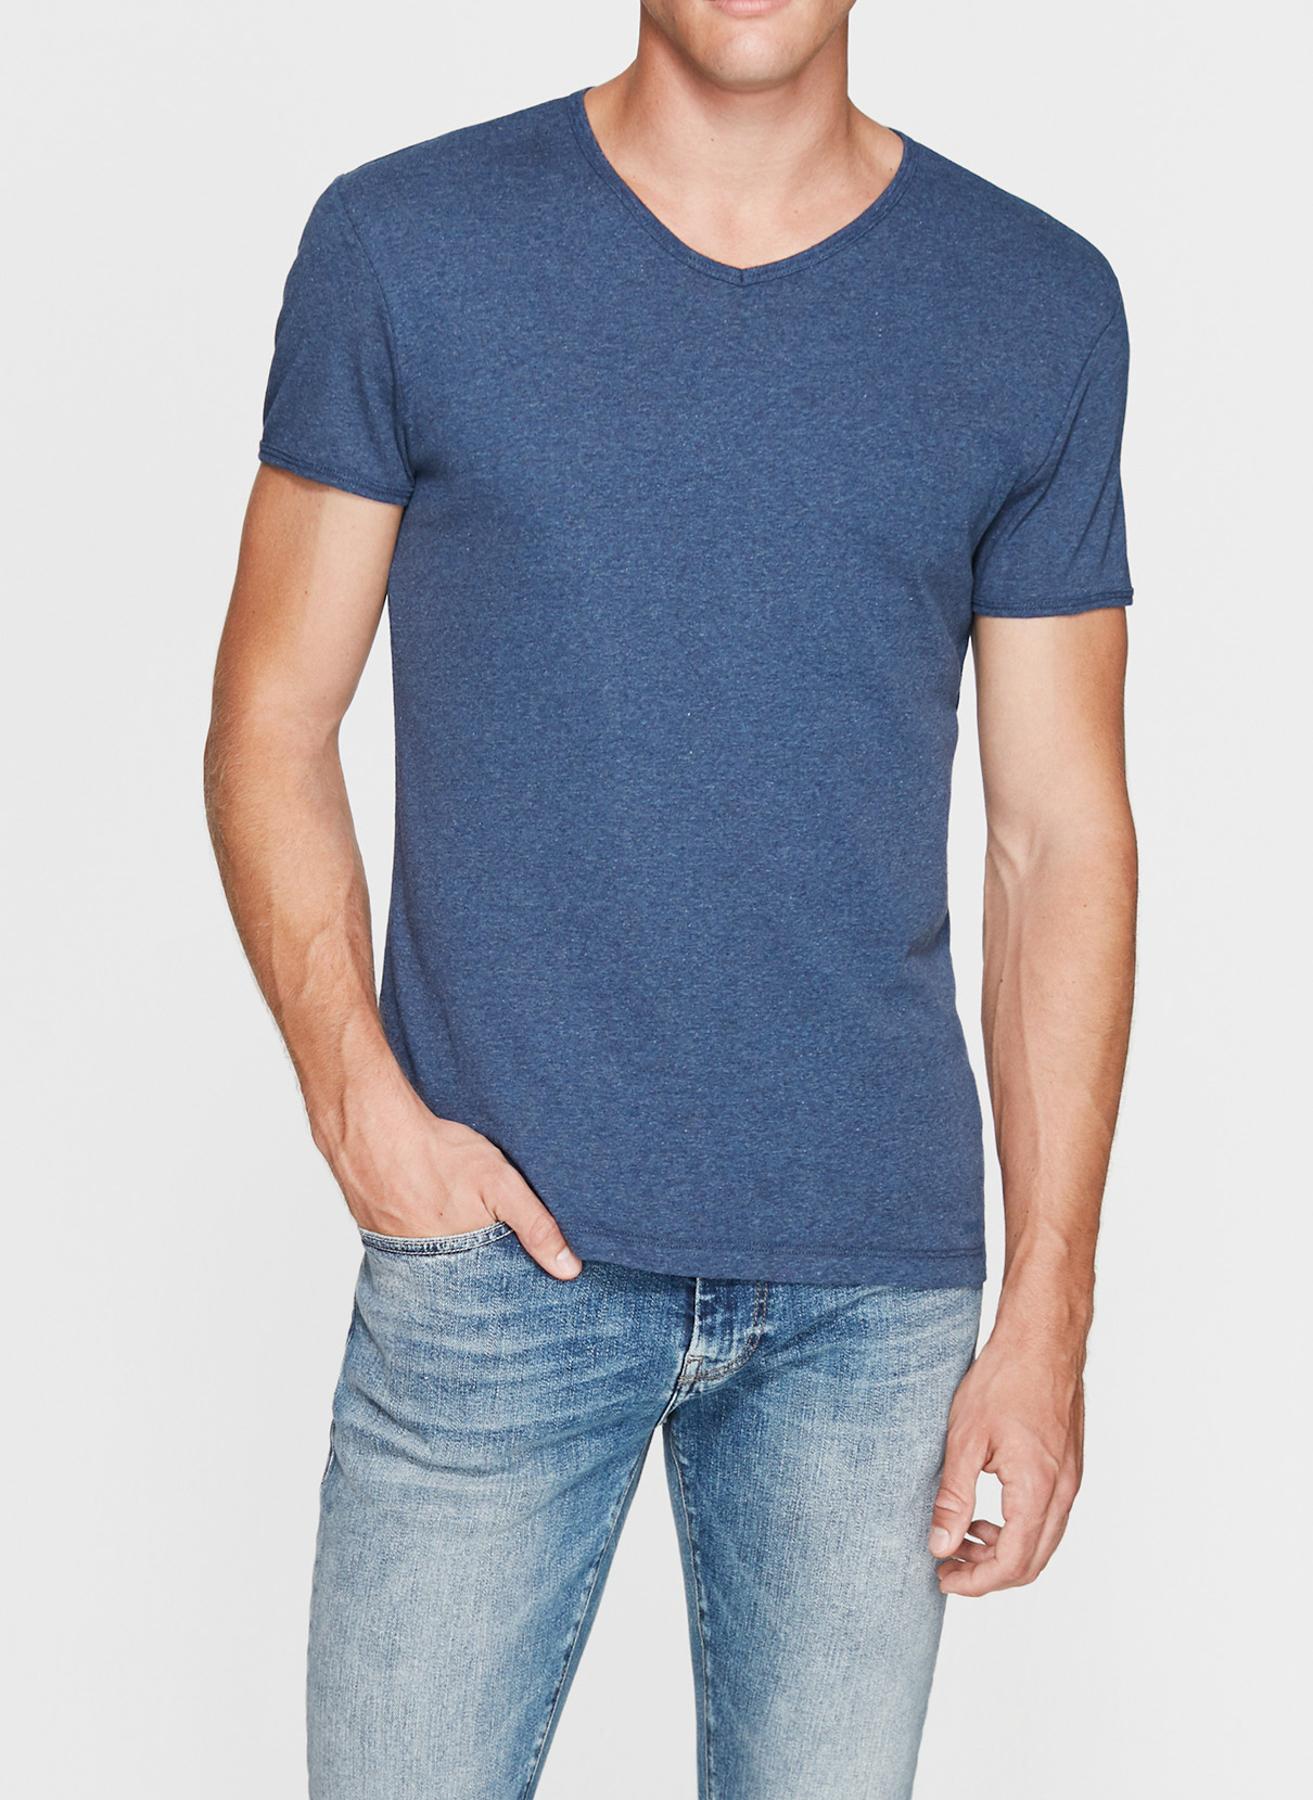 Mavi V Yaka Mavi T-Shirt M 5001634580002 Ürün Resmi